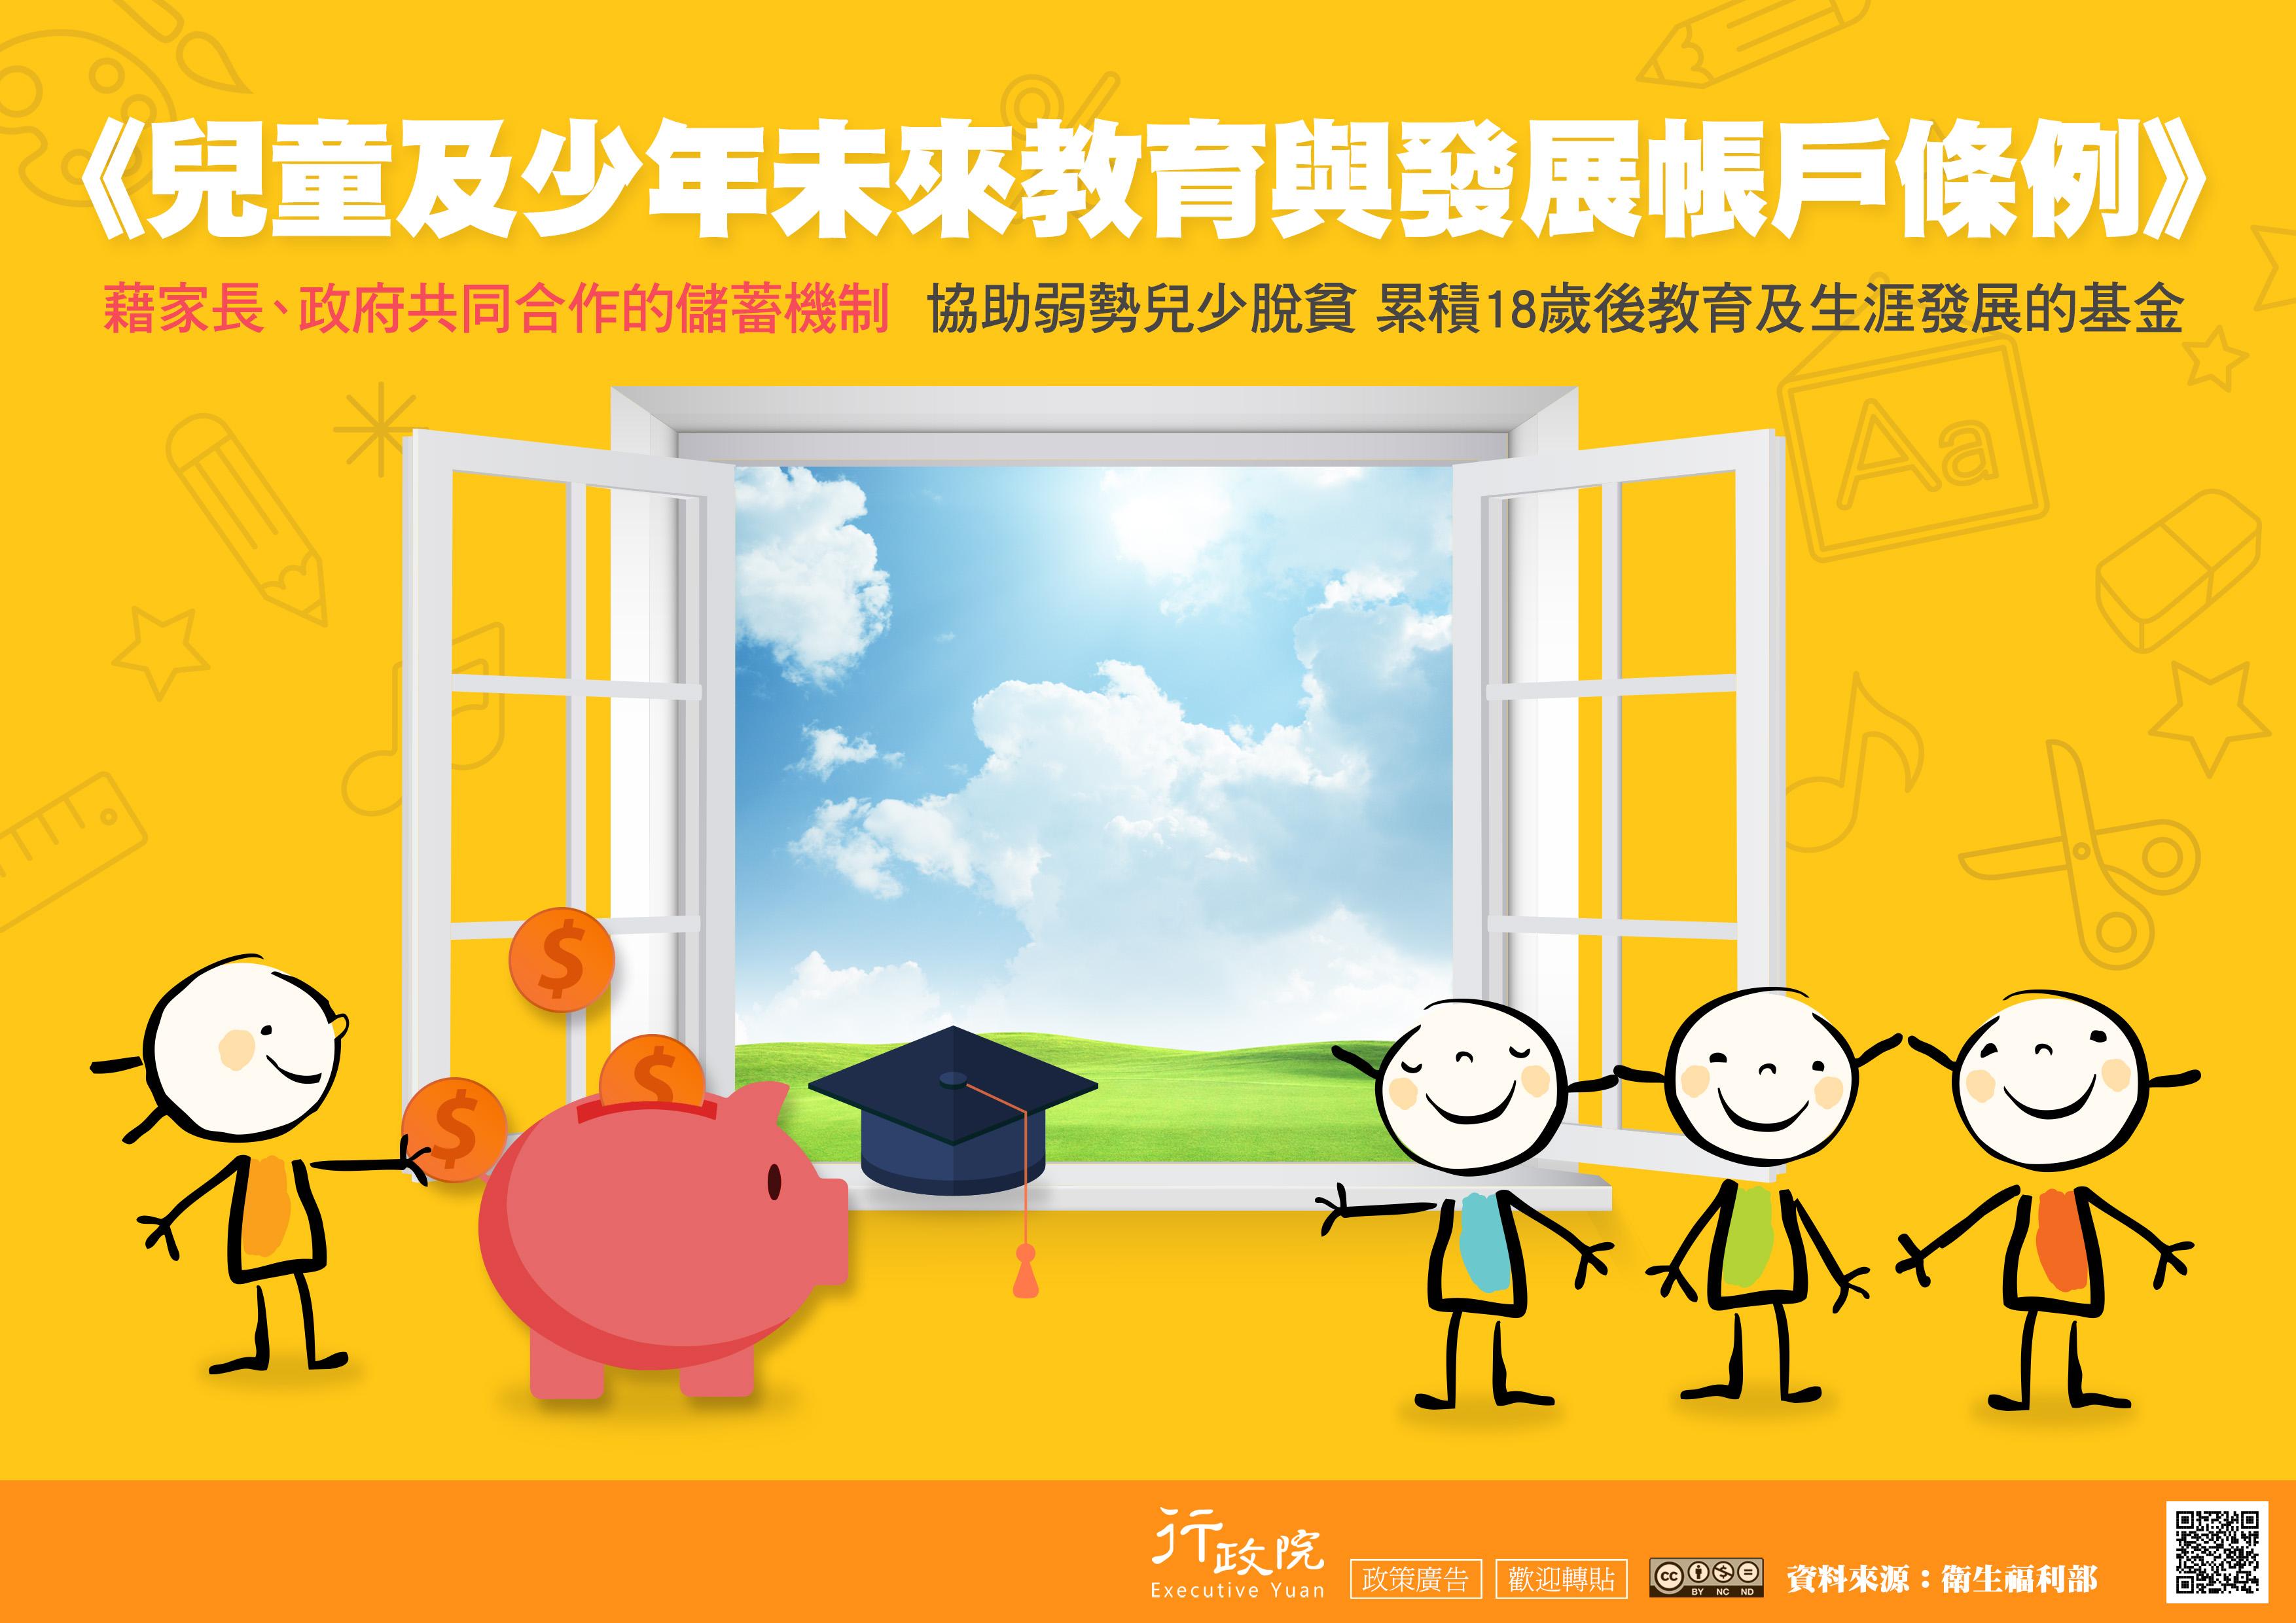 兒少未來教育與發展帳戶DM